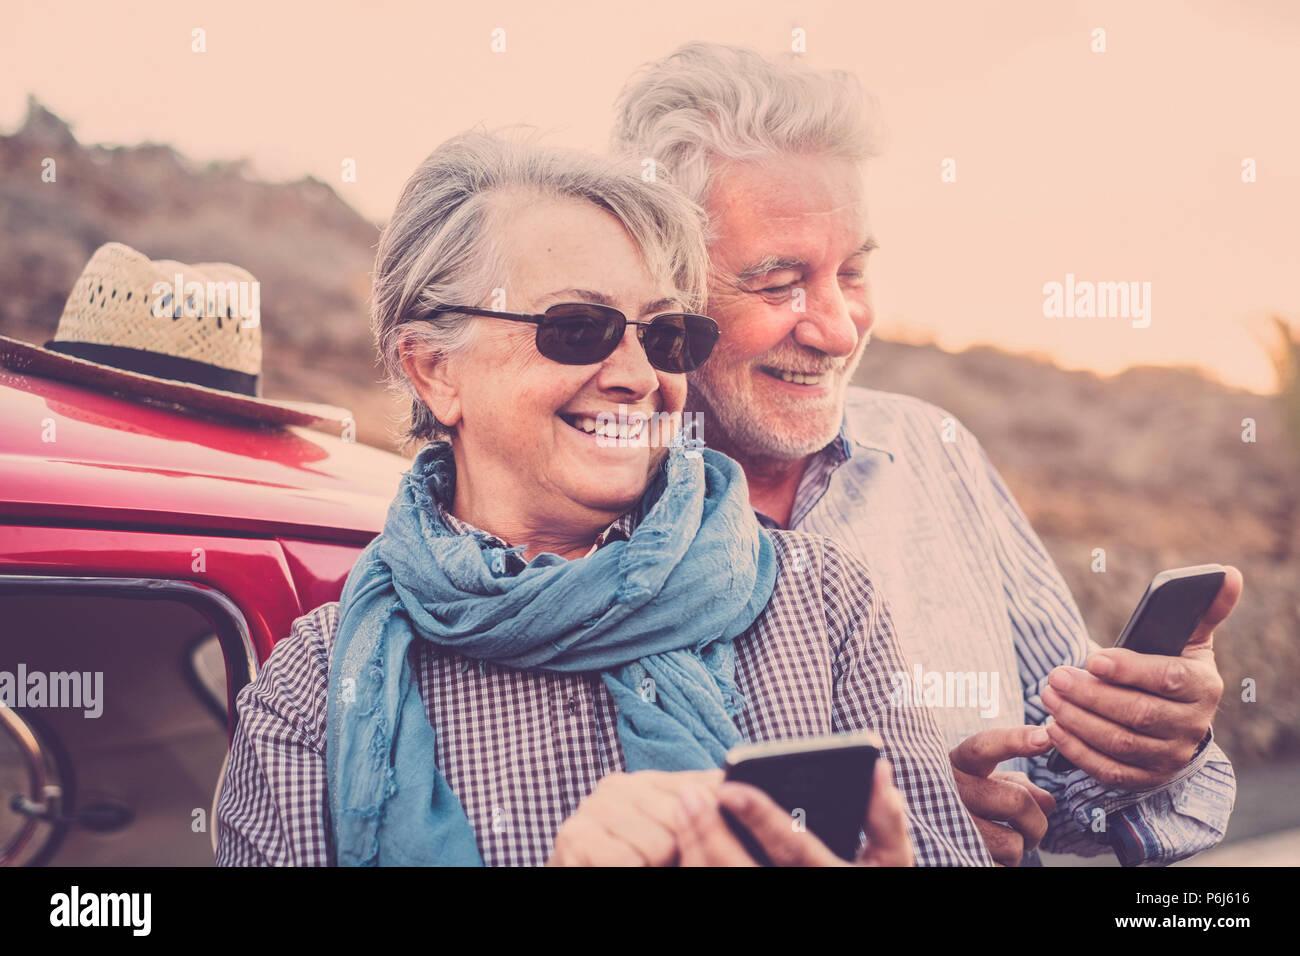 Couple de personnes âgées avec chapeau, avec des lunettes, avec des cheveux gris et blanc, avec chemise décontractée, sur vintage voiture rouge en vacances profiter du temps et de la vie. Avec un chee Photo Stock